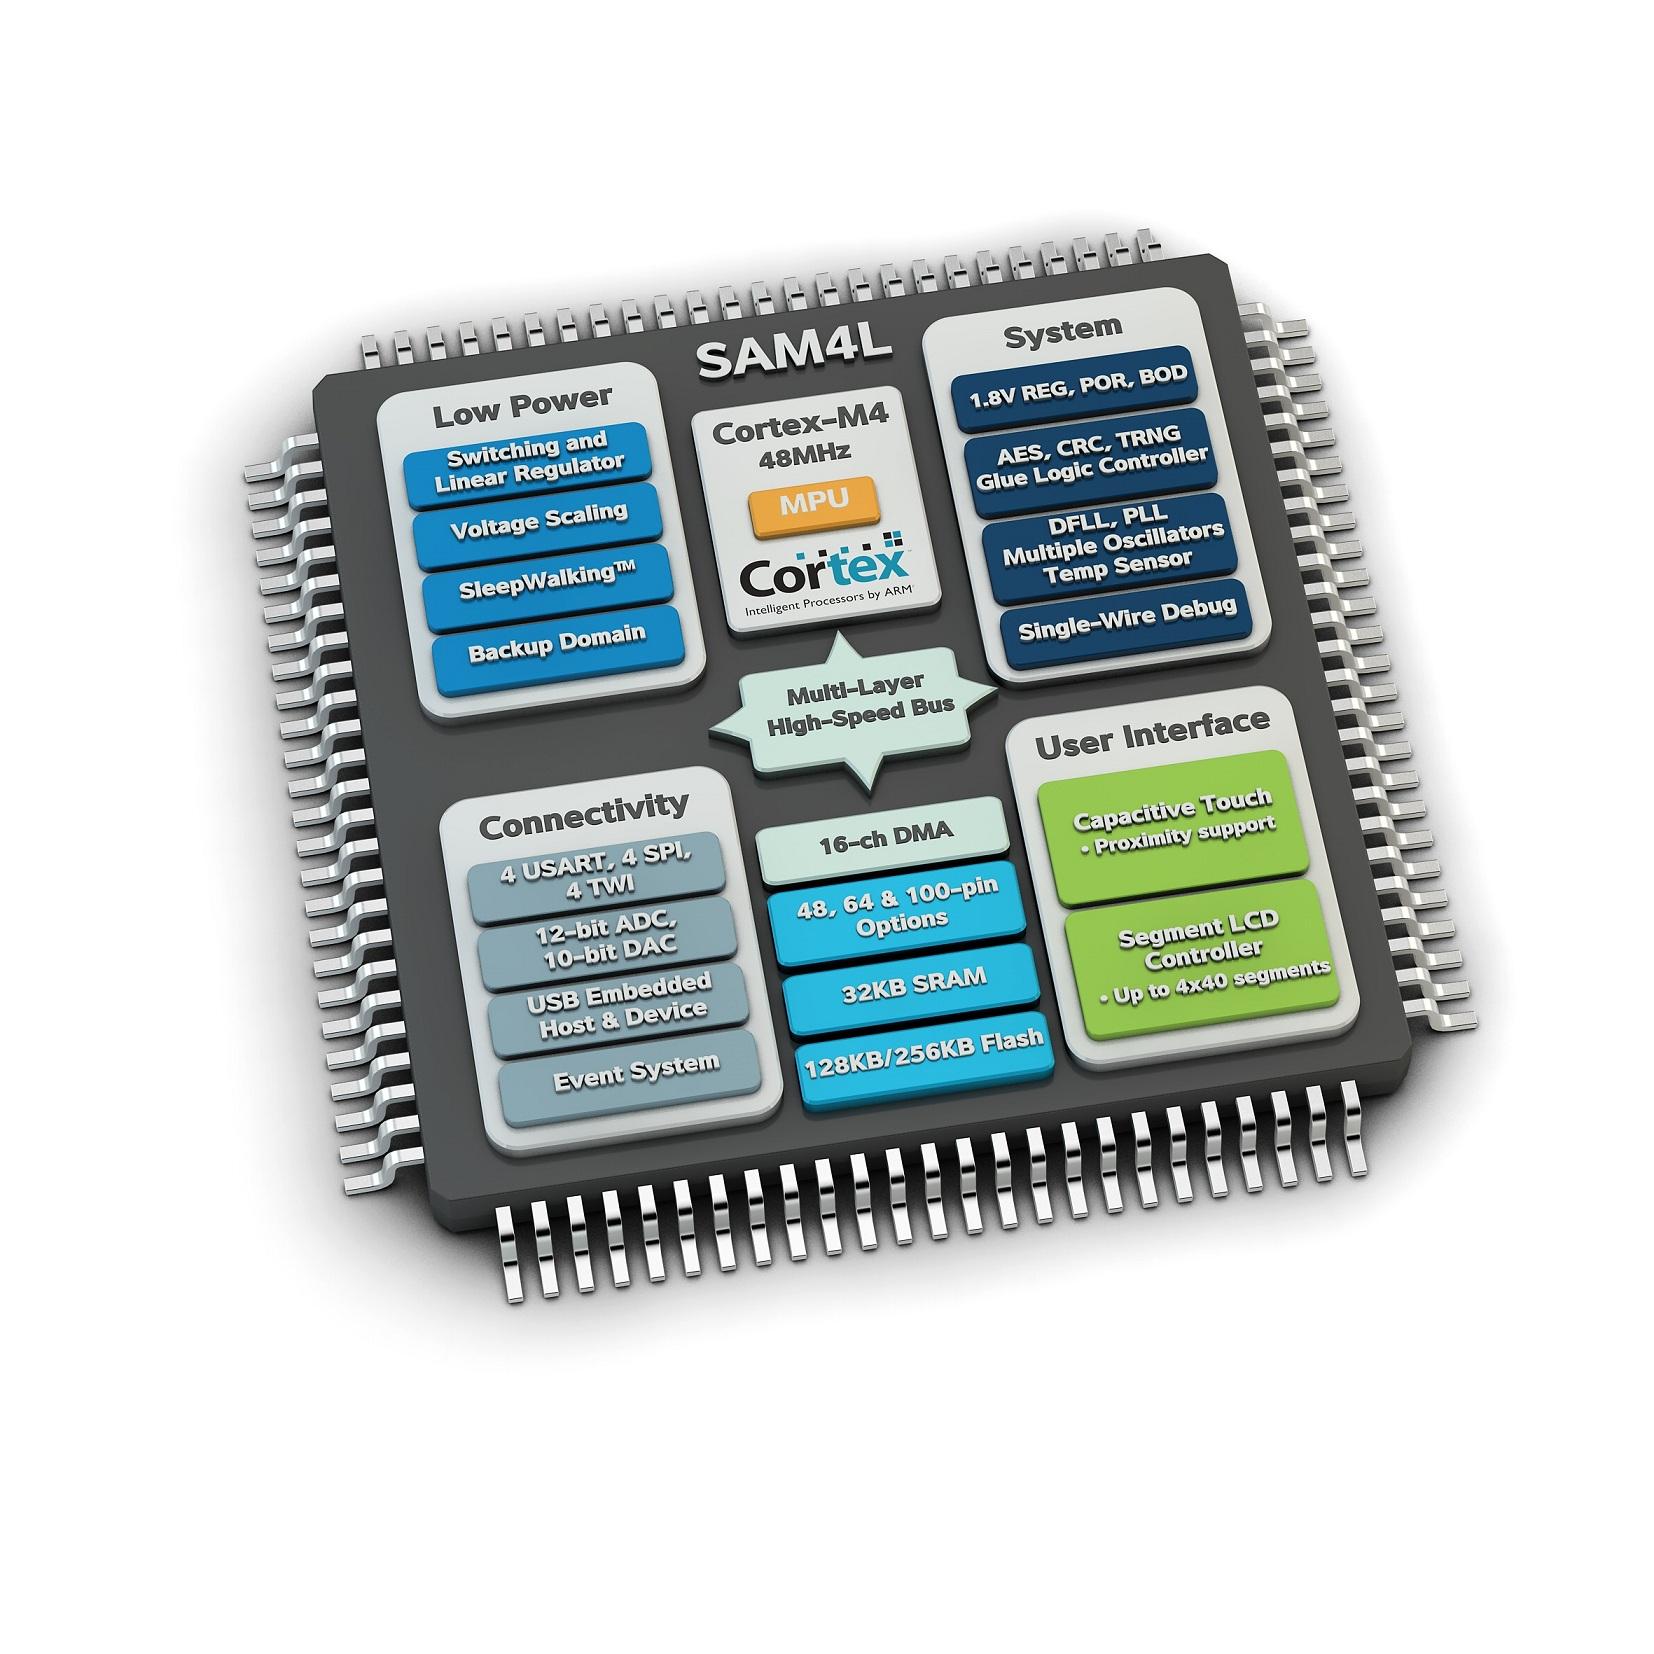 爱特梅尔新型Cortex-M4微控制器功耗减少66%